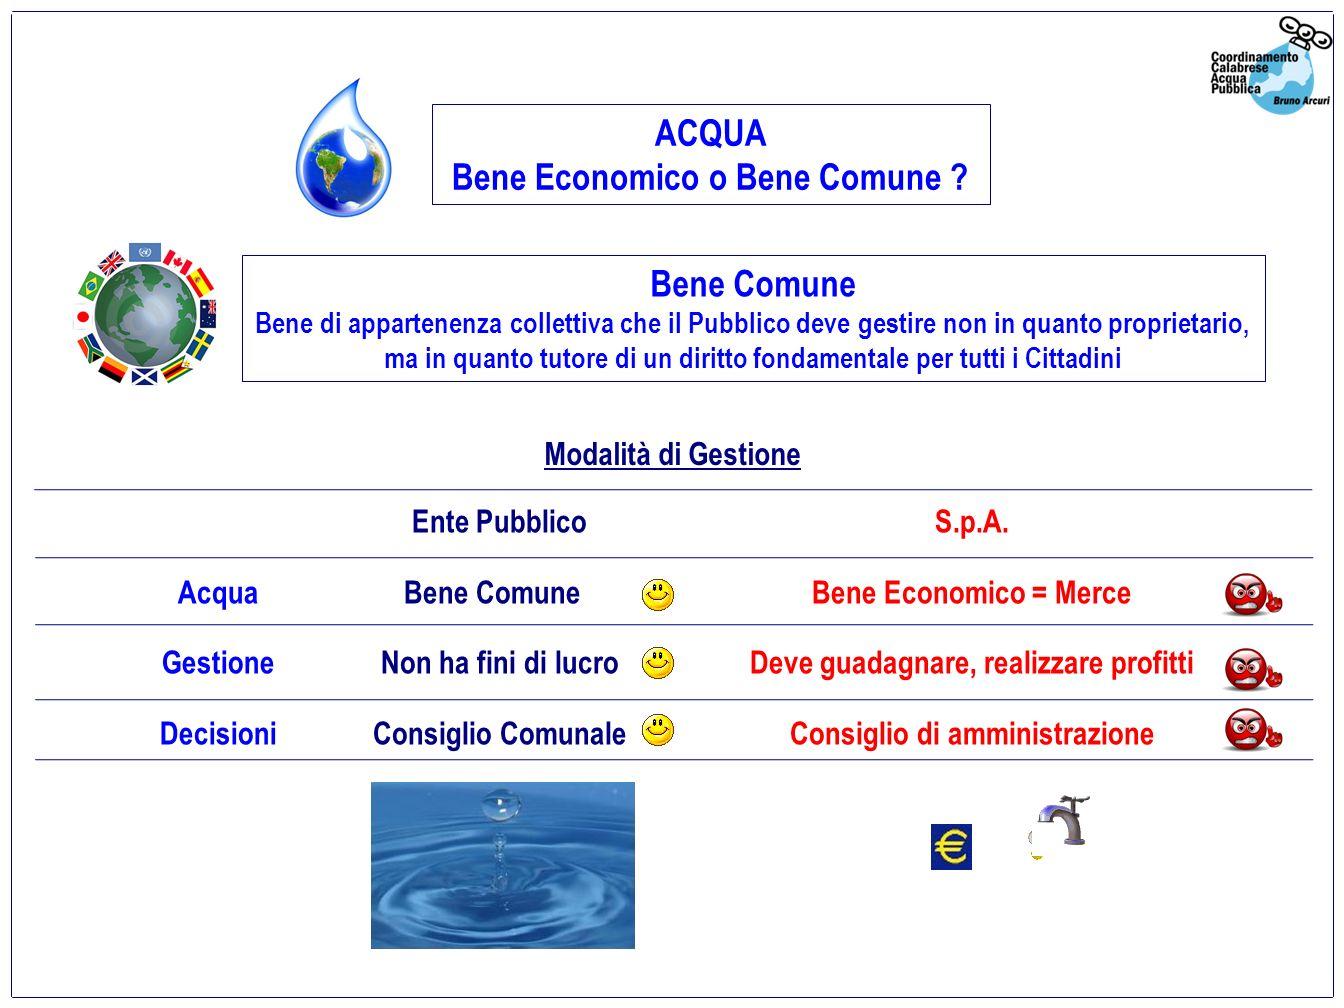 Aumento dei consumi nellultimo decennio Conseguenze in Italia della Gestione degli Acquedotti affidata ad una S.p.A.